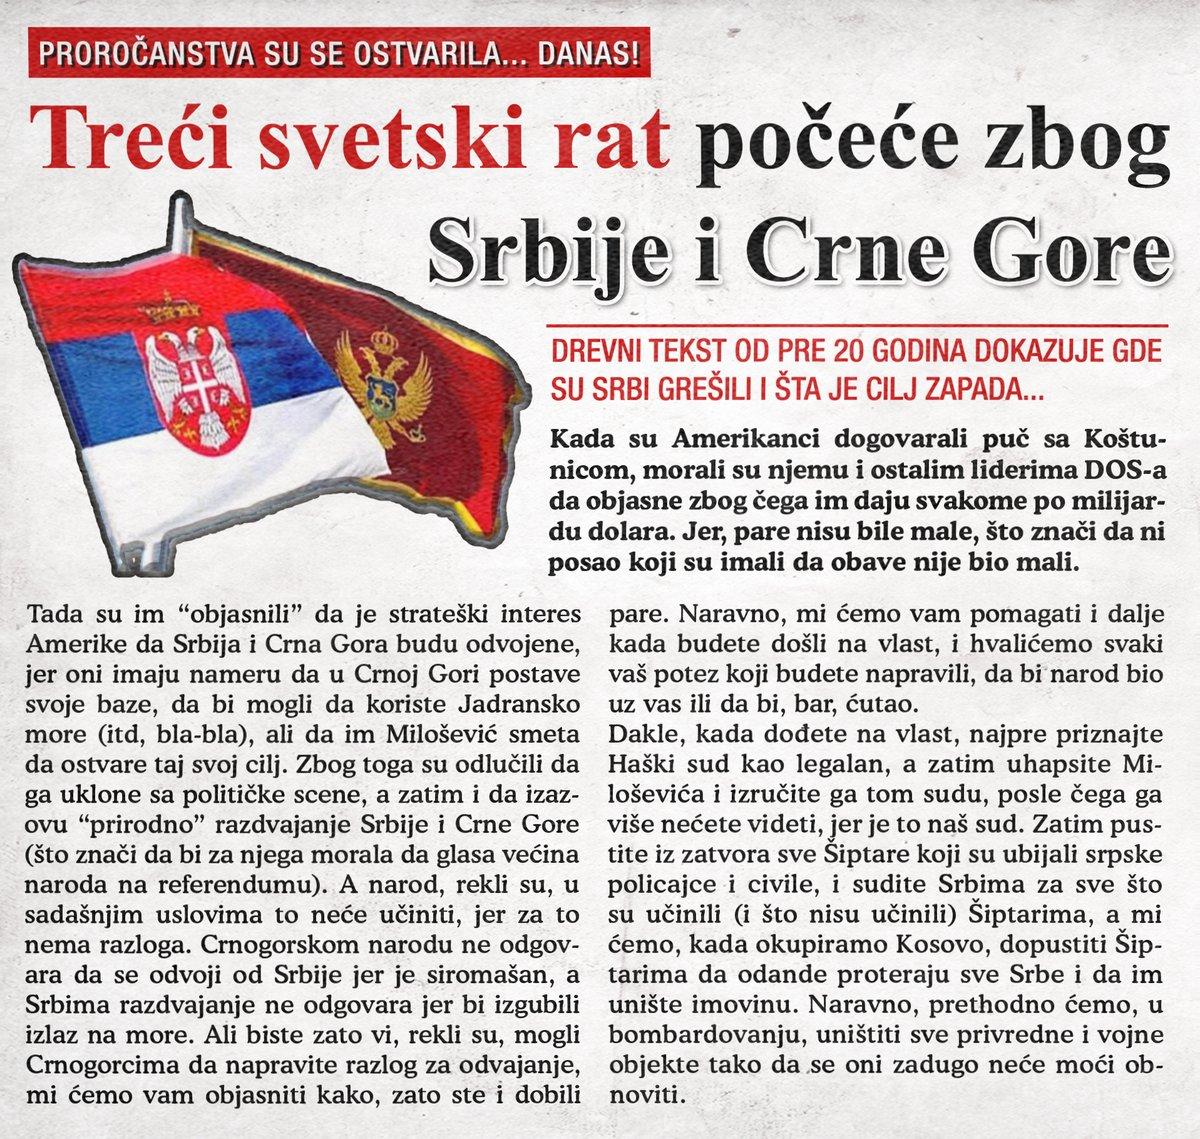 Treći svetski rat počeće zbog Srbije i Crne Gore